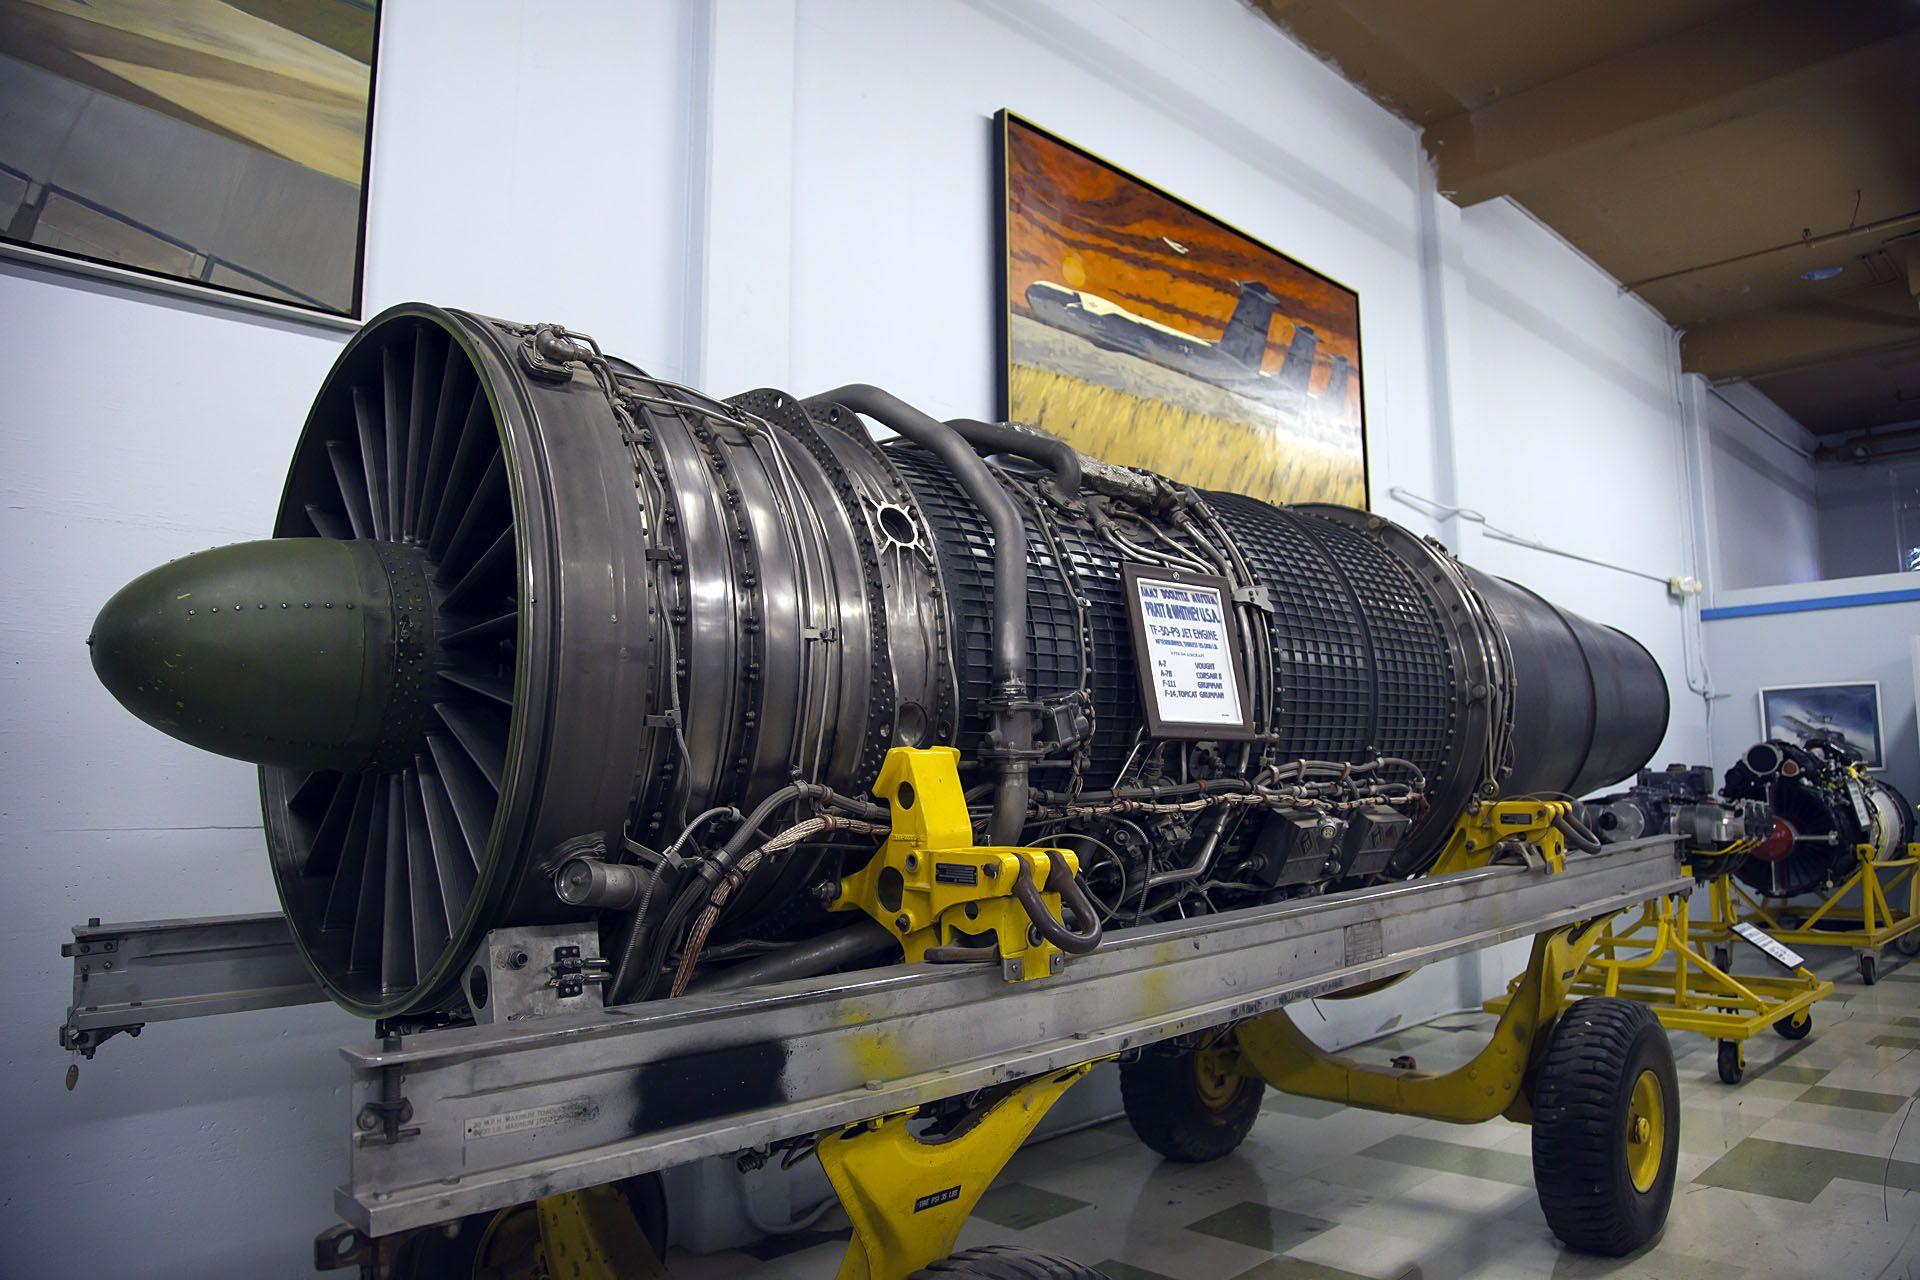 F14 Tomcat Jet engine, Aircraft engine, Turbine engine